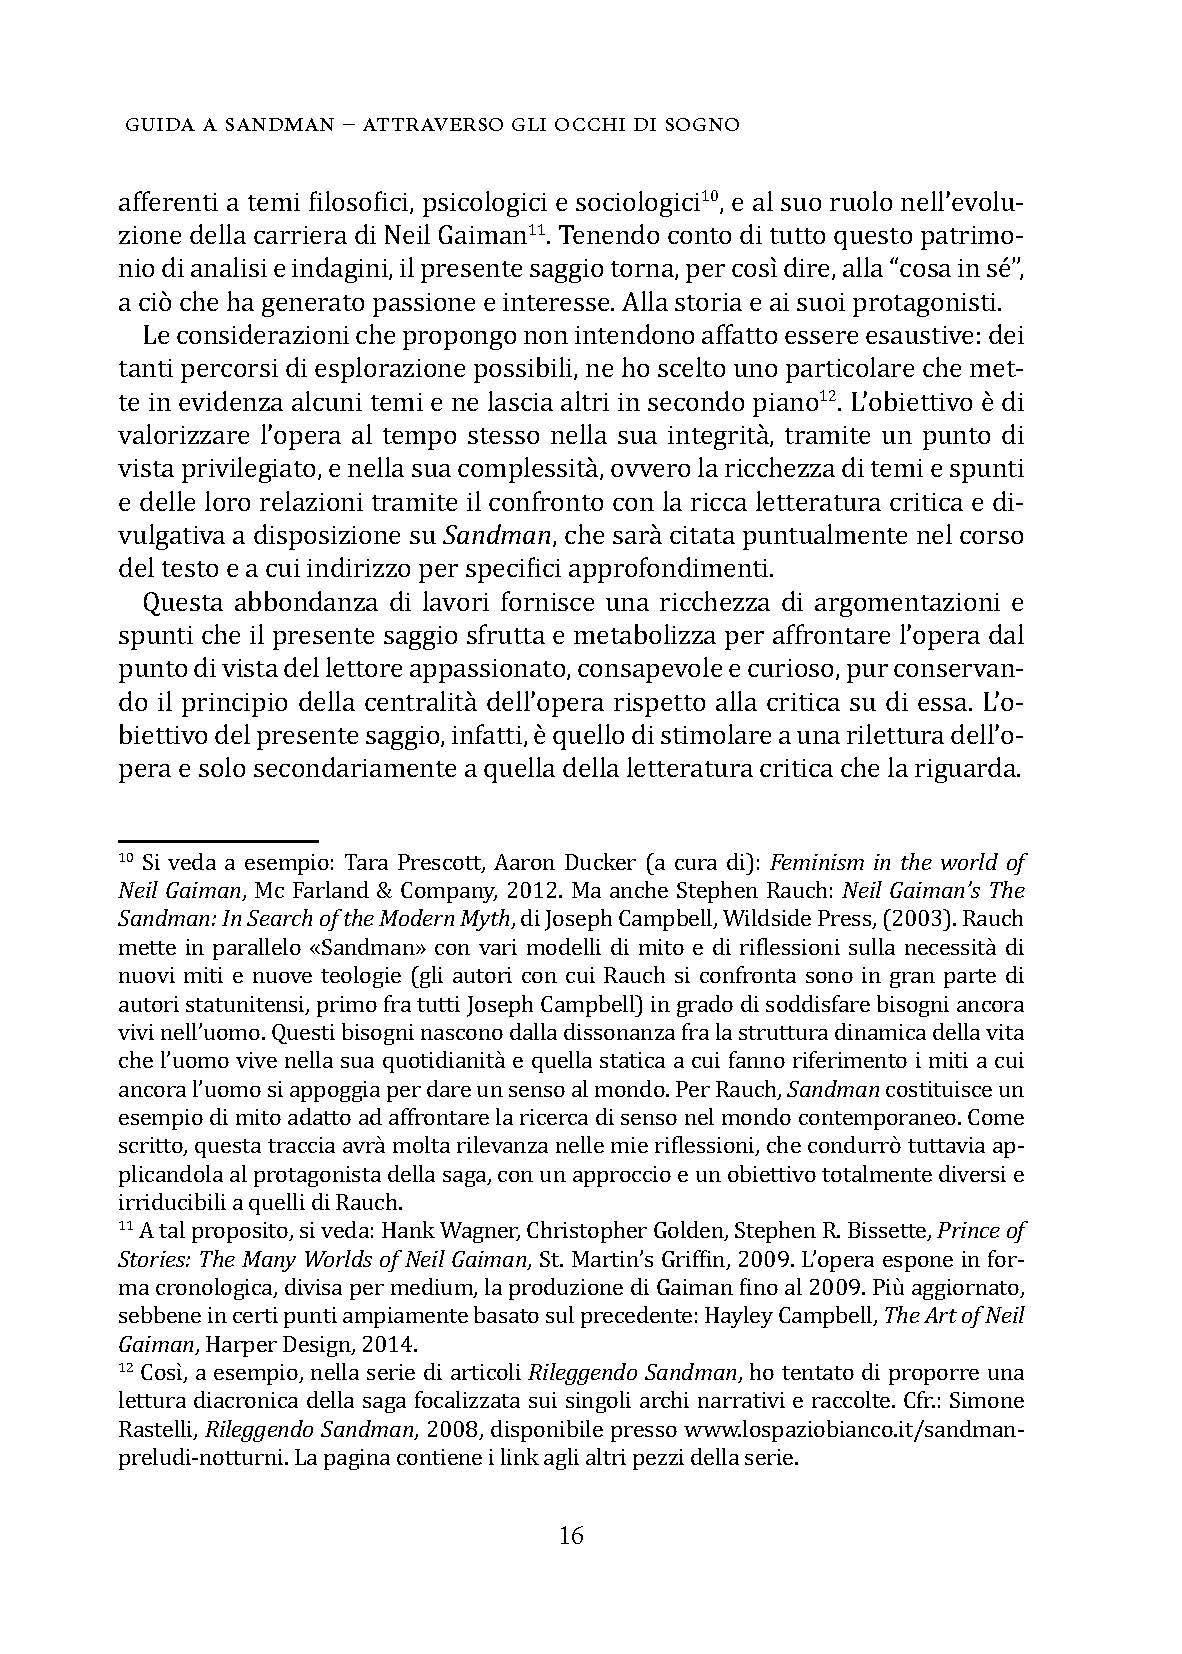 Pagine da PDF Guida non ufficiale a Sandman filigranato_Pagina_12